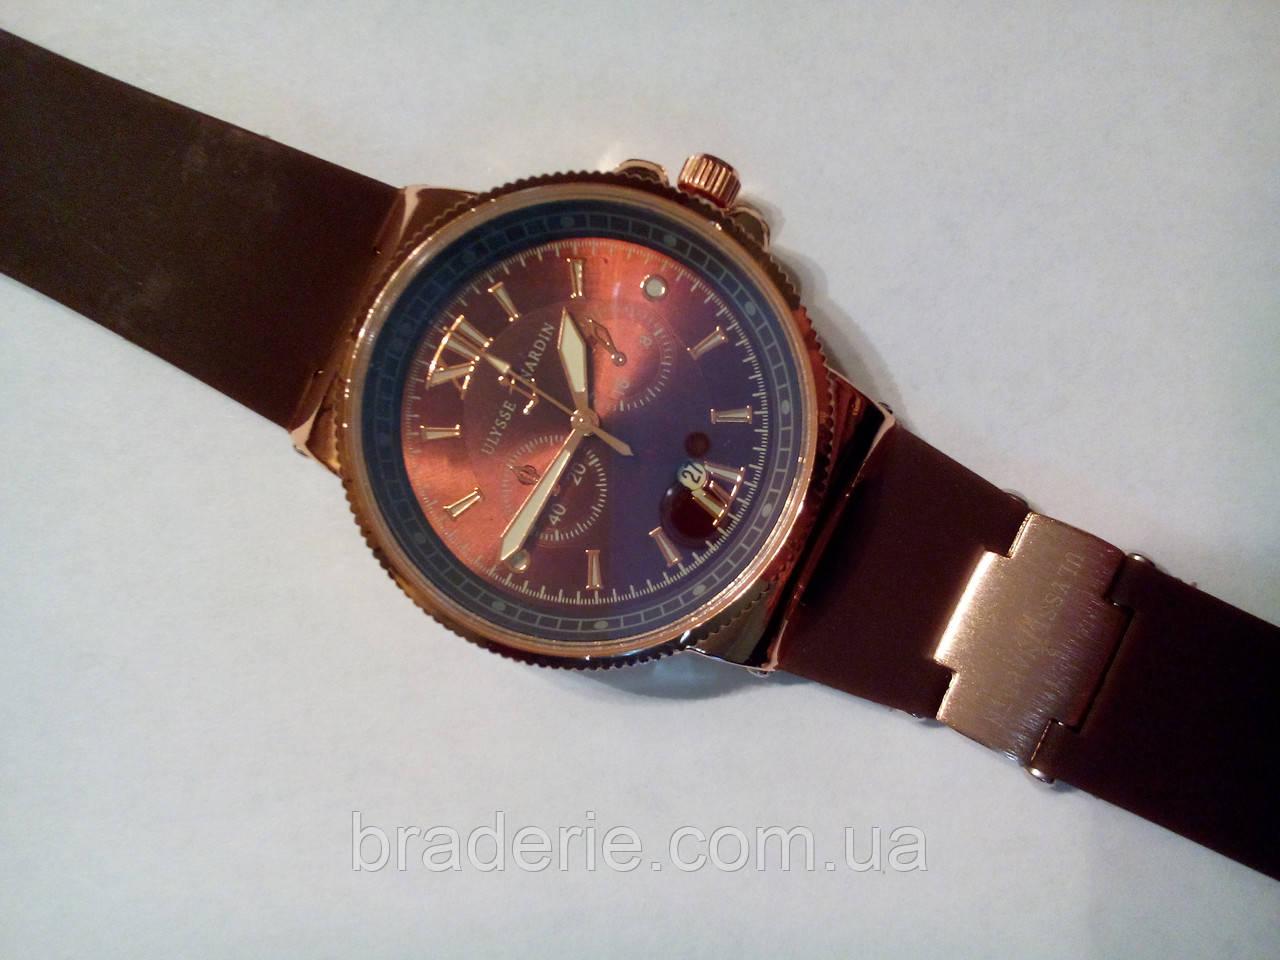 Часы наручные Ulysse Nardin 6600B Brown